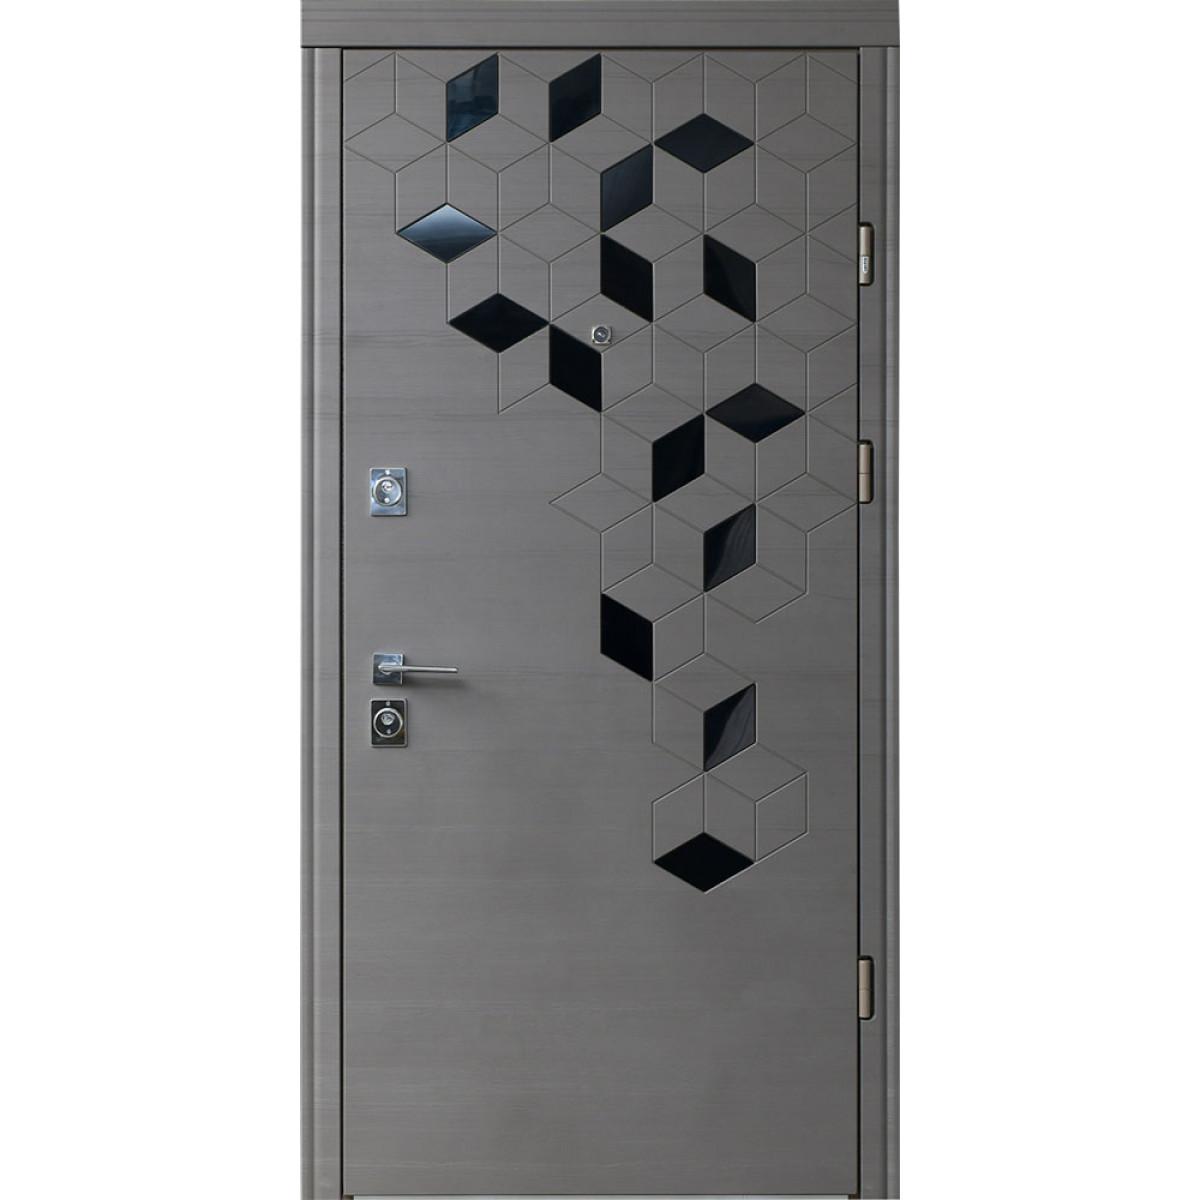 Входная дверь Straj LUX Standart Folio реал графит горизонт natural/ софт милк past